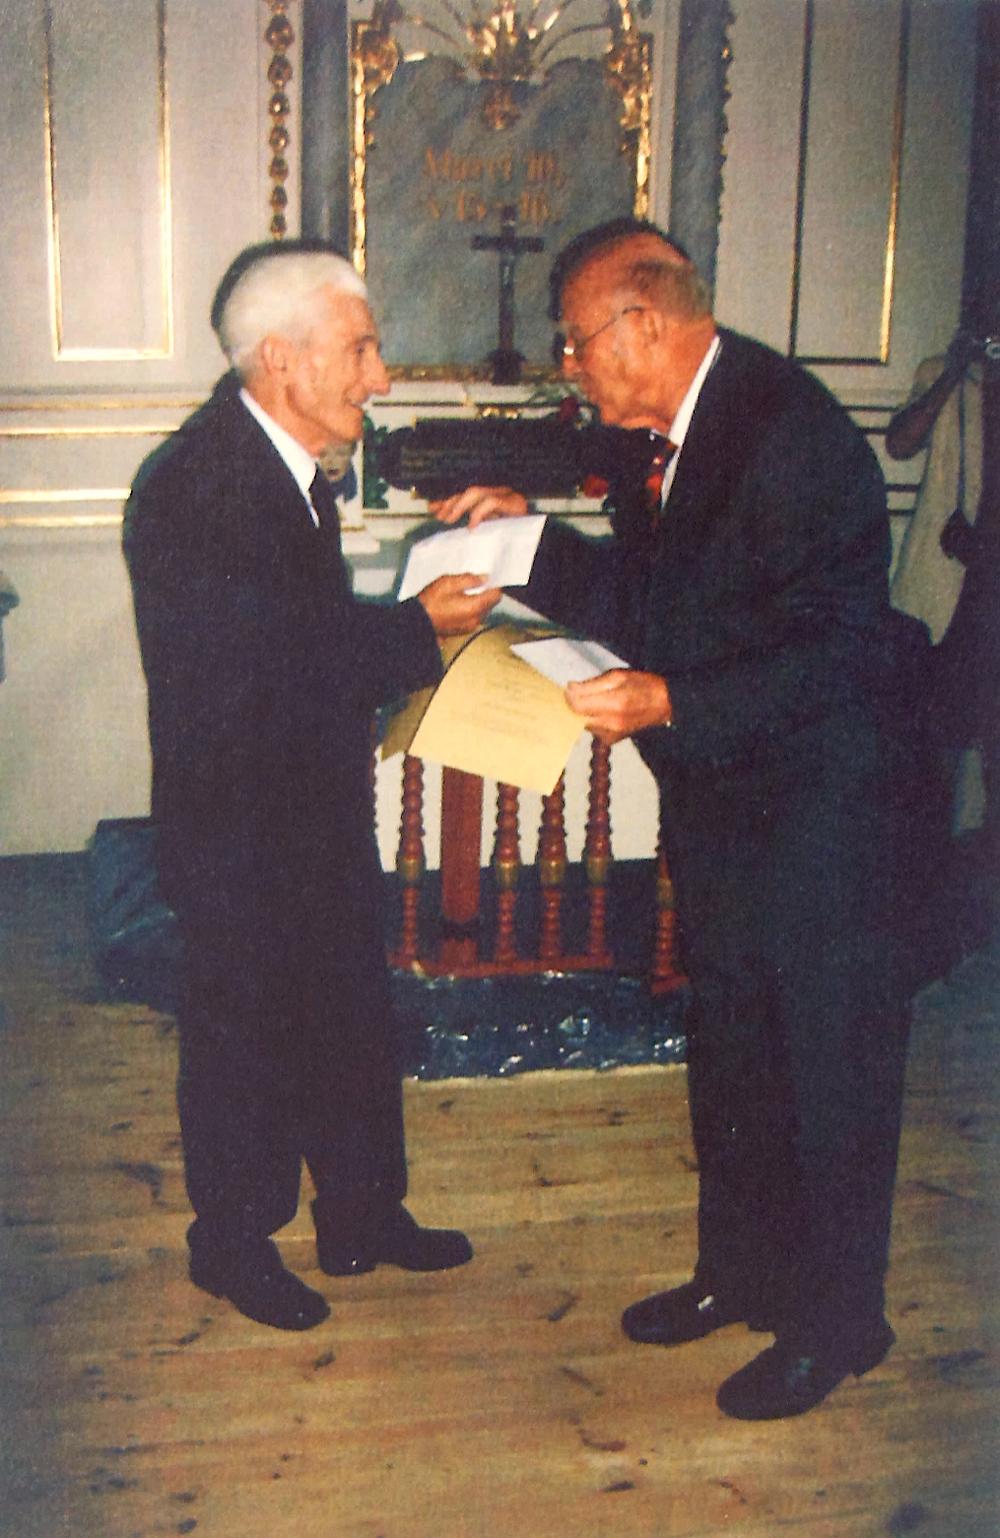 in der Friedenskirche zu Jauer Archivdirektor i. R. Cesław Margas und Gerhard Simon bei der Ehrenübergabe